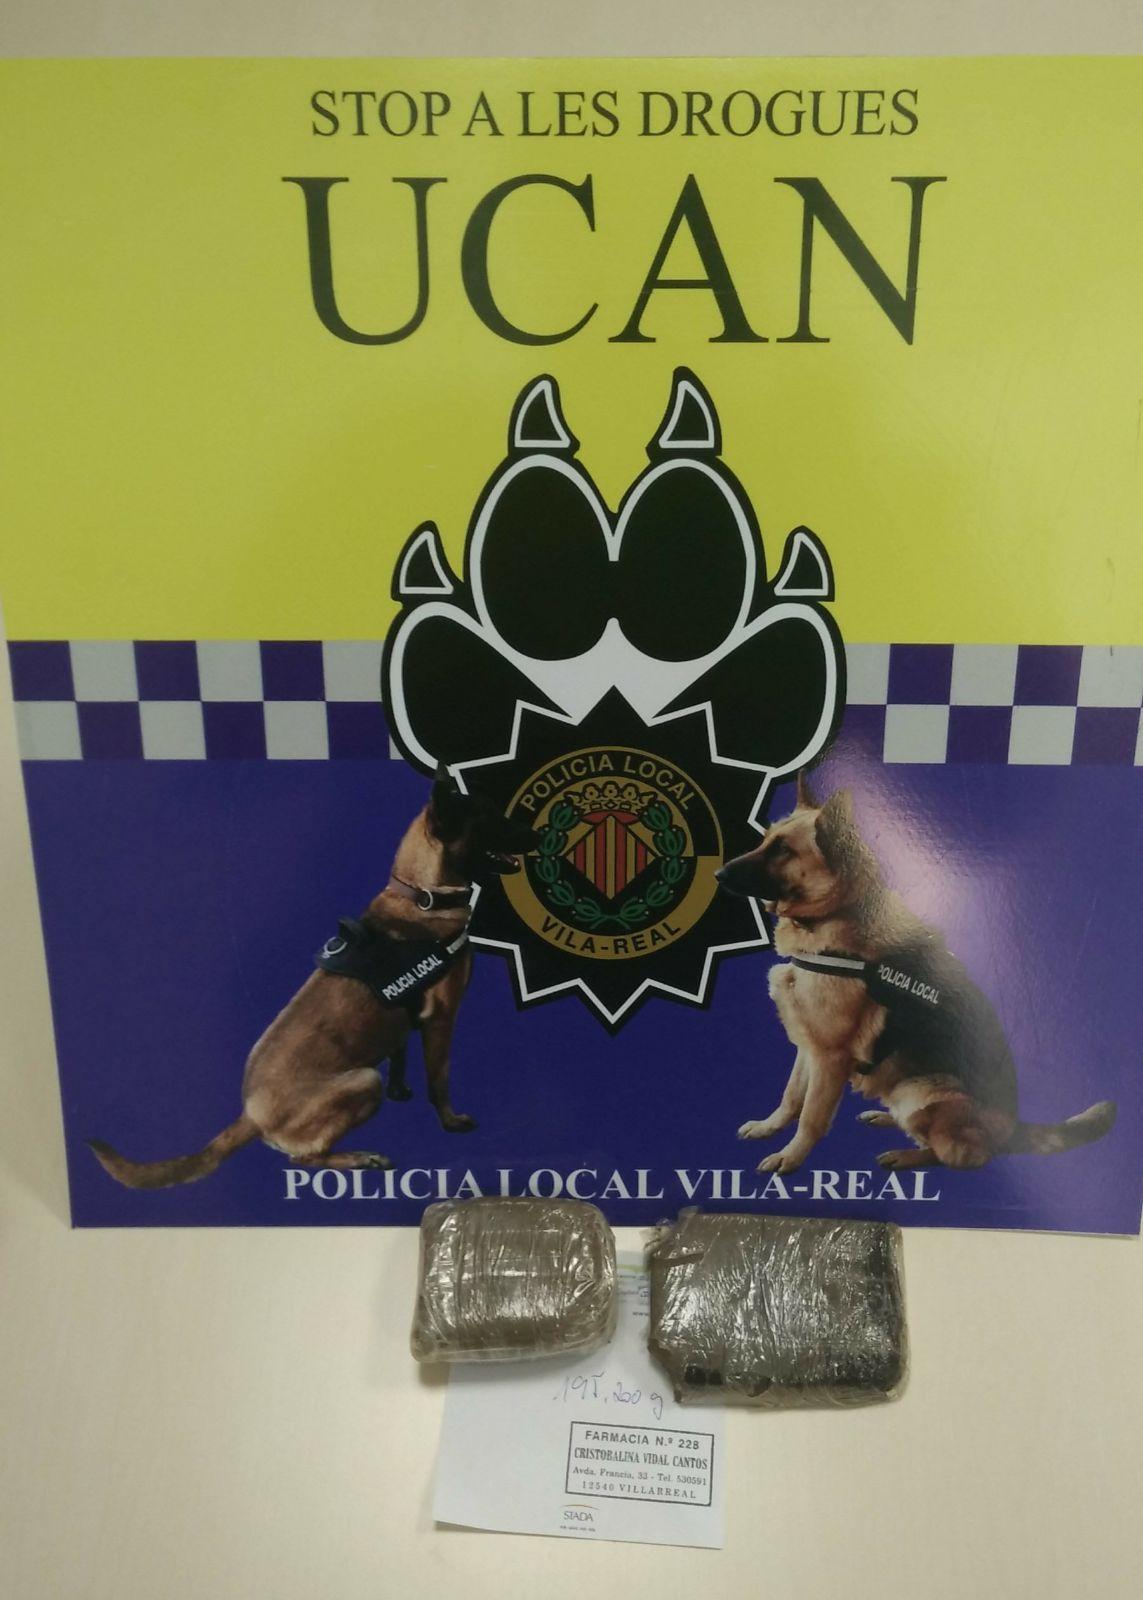 La Policía Local detiene a una persona con 195 gramos de hachís en dos placas escondidas en su vehículo